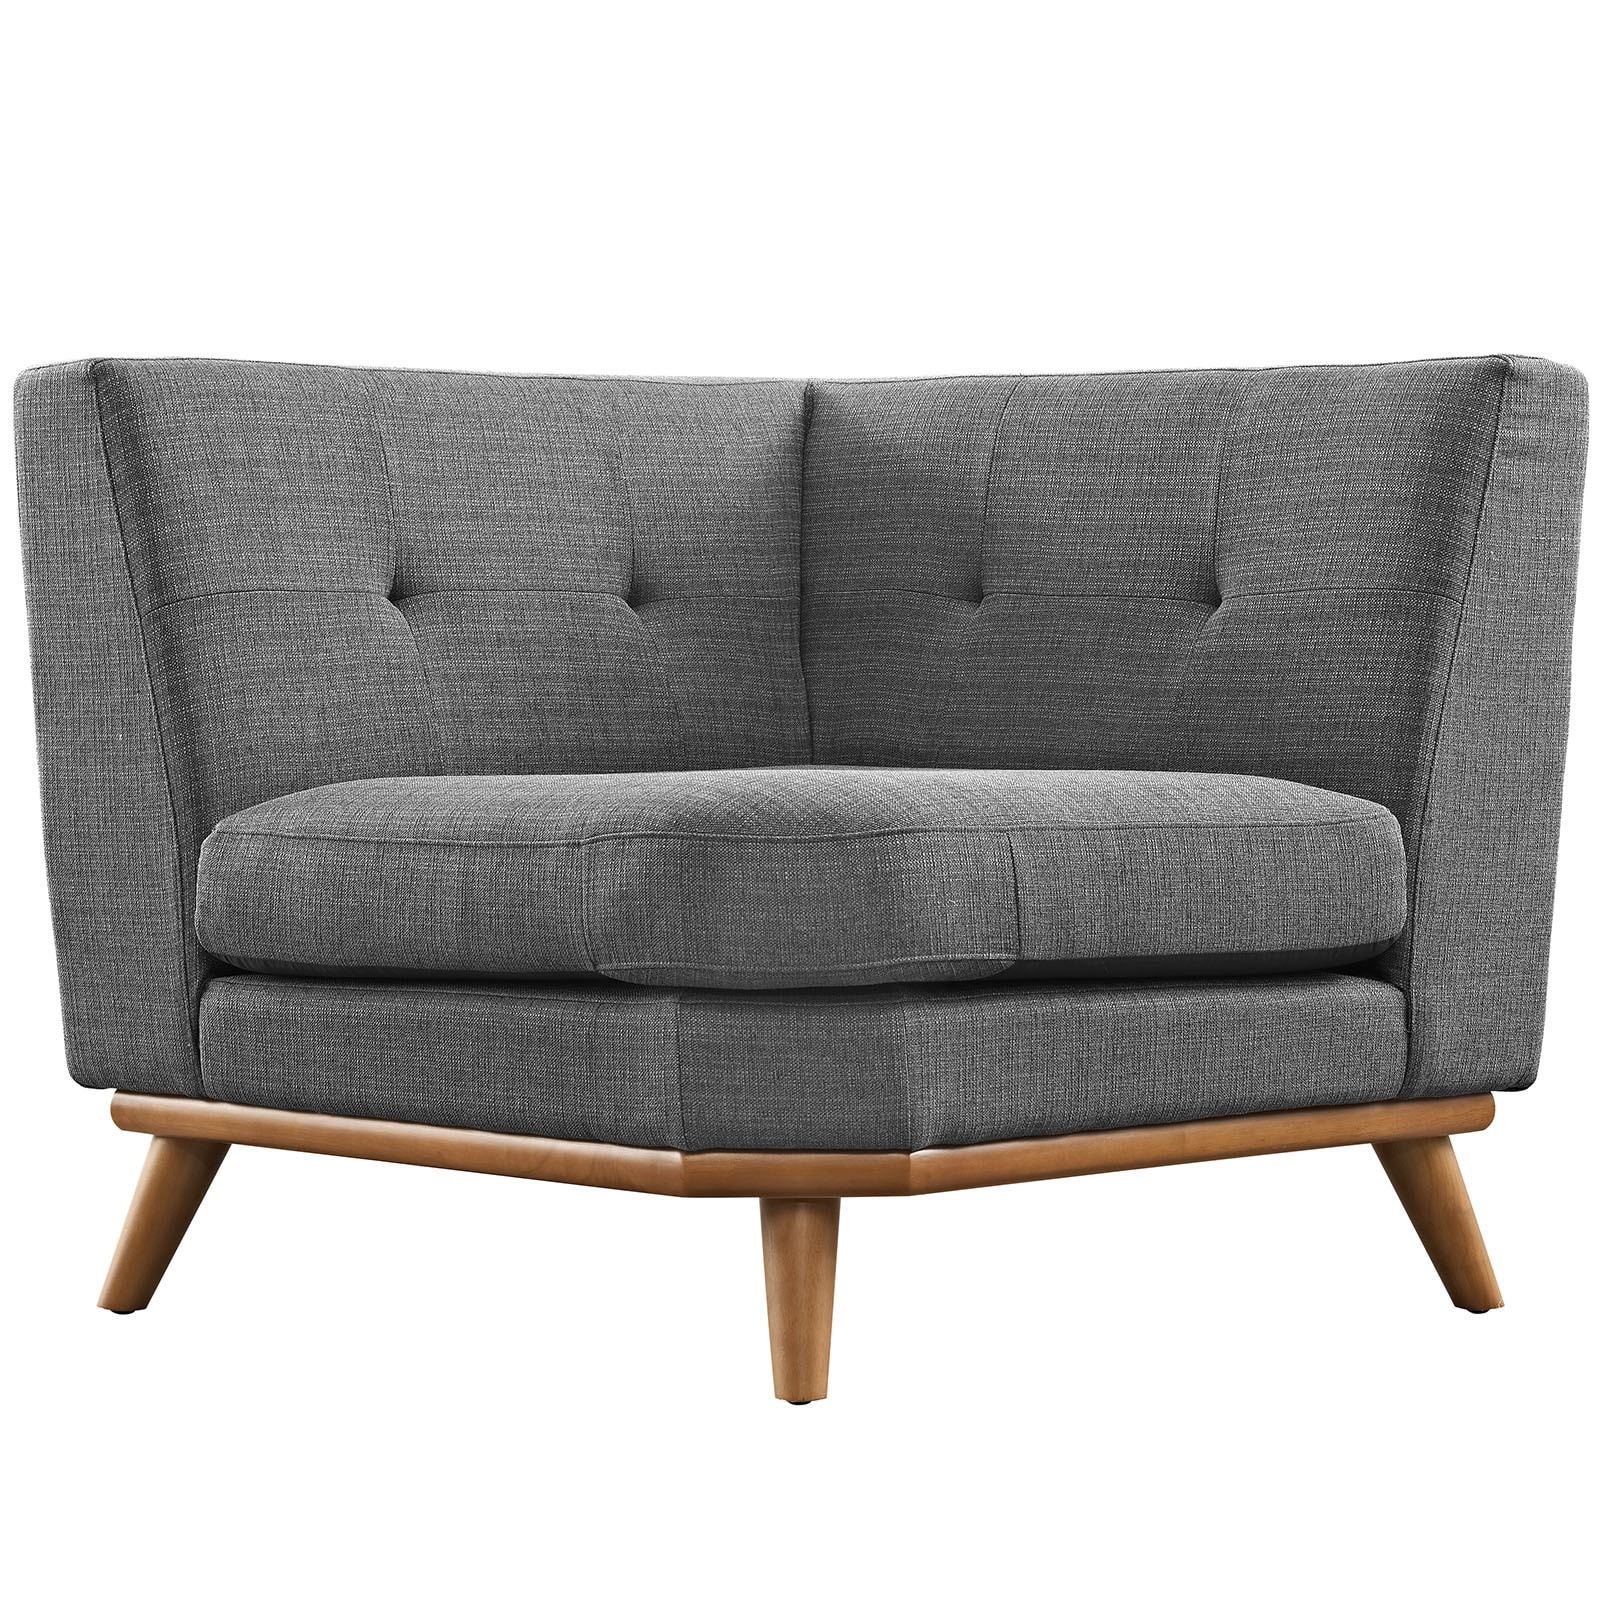 Carson Carrington Ringsaker Sectional Corner Sofa Set